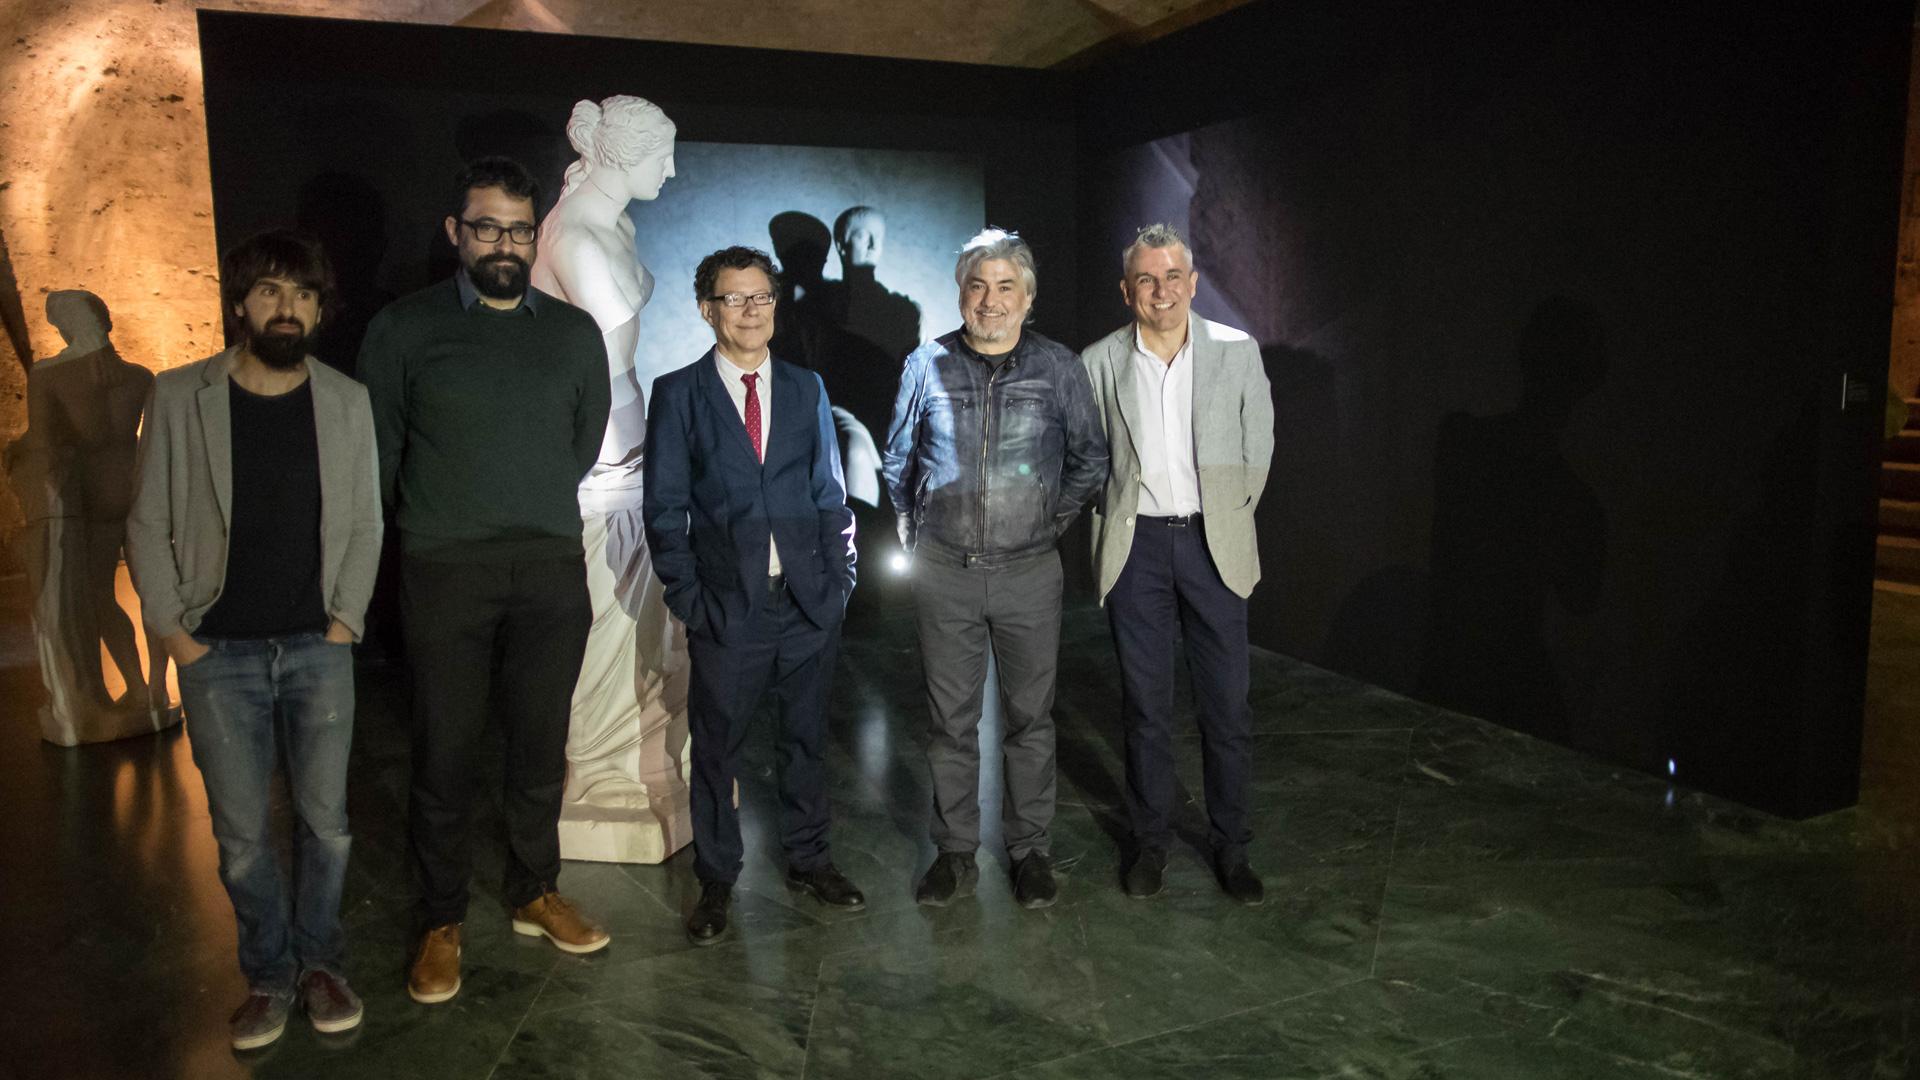 Una exposición recorre la Alhambra más íntima a través del objetivo del fotógrafo Fernando Maquieira